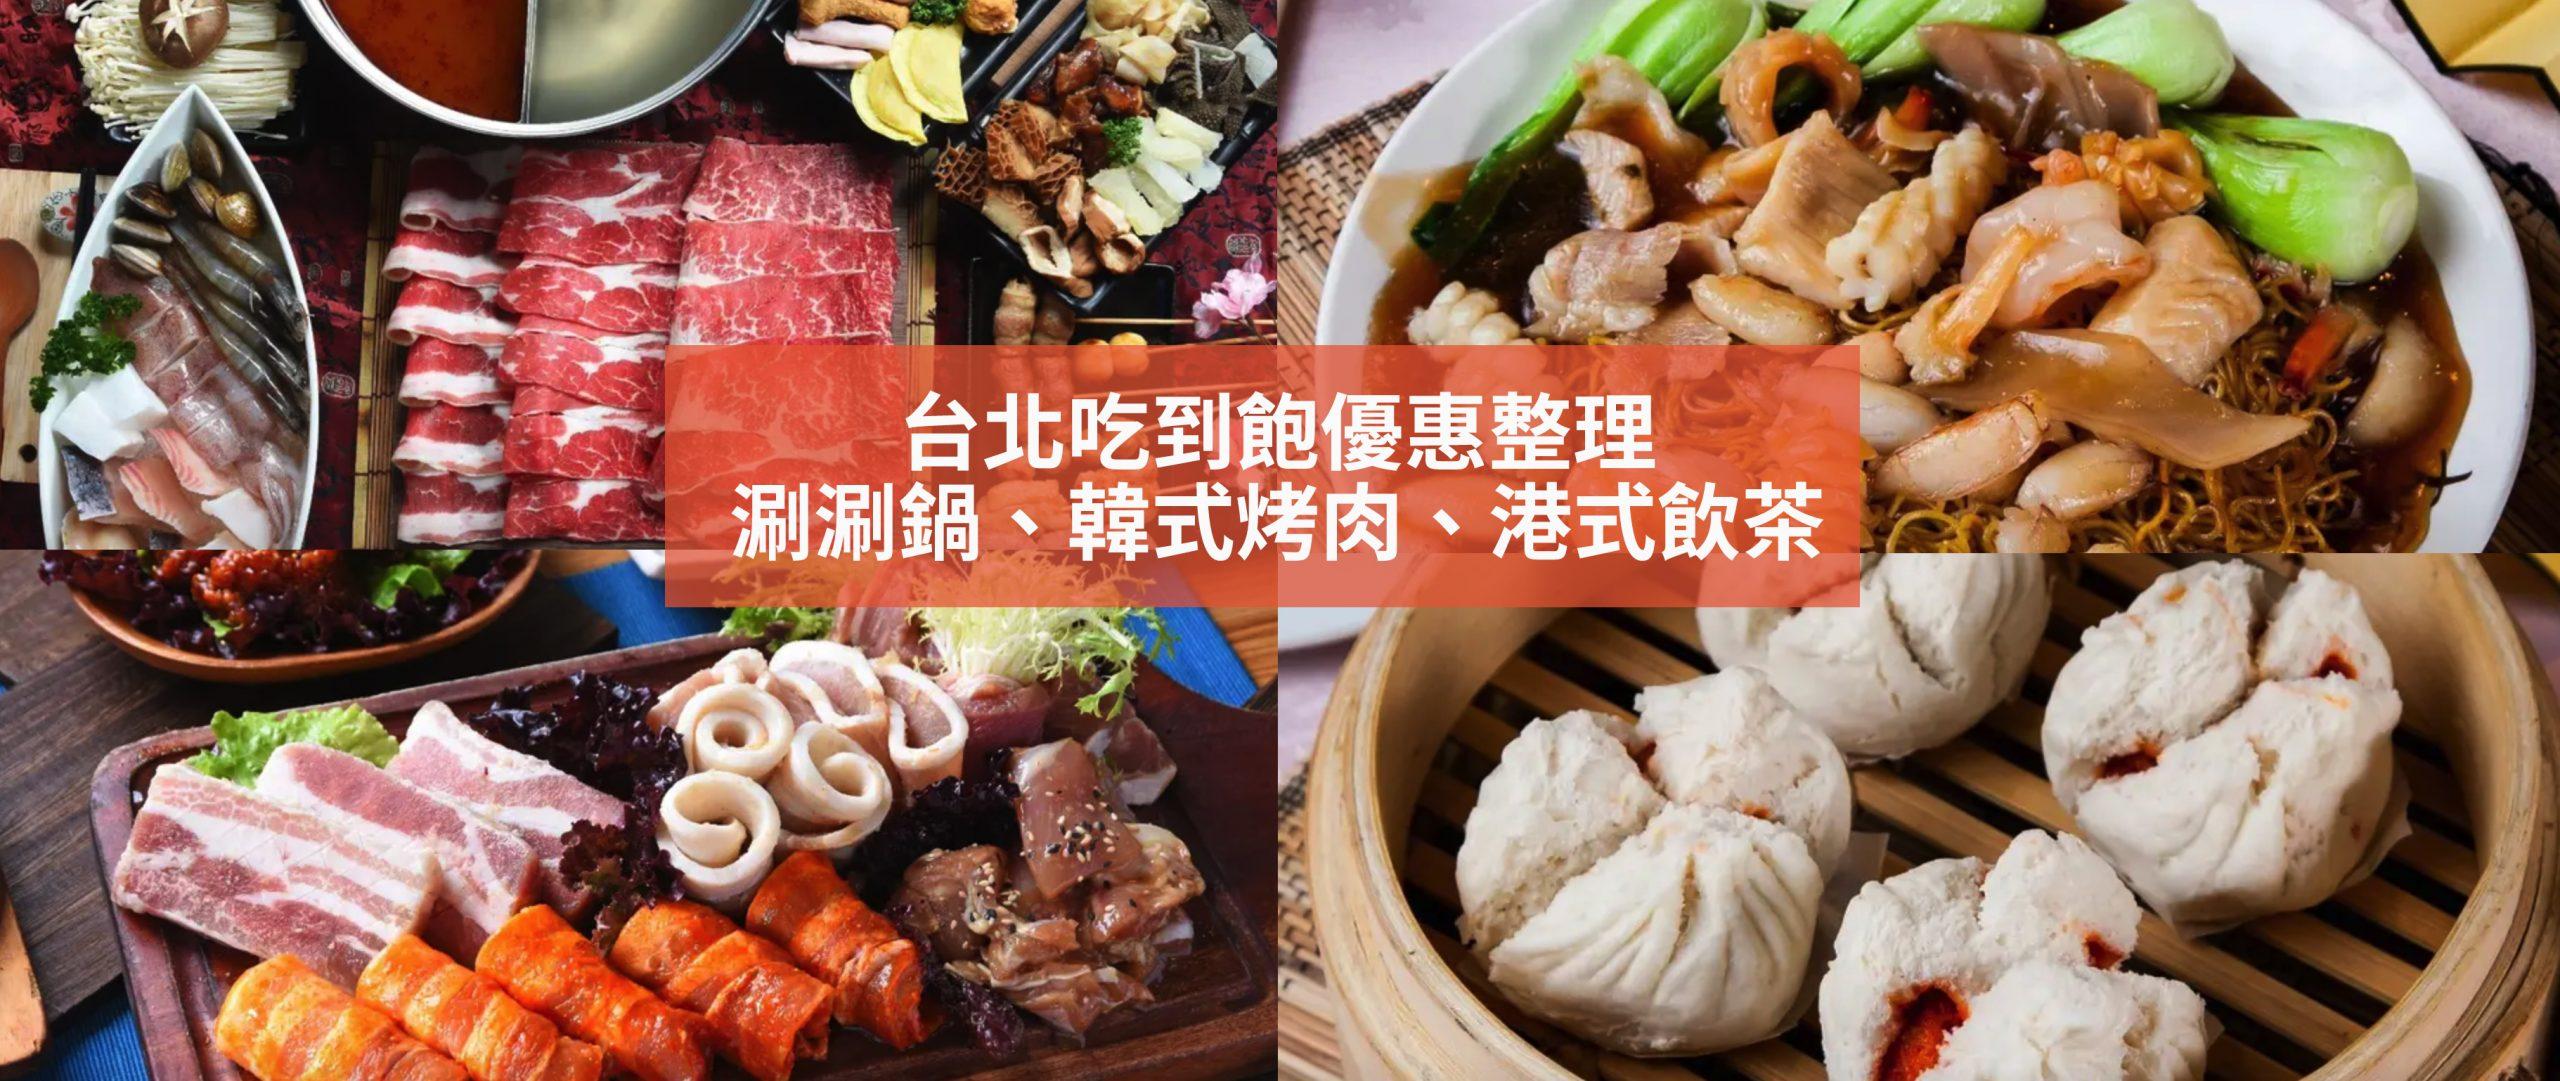 【台北吃到飽優惠整理】涮涮鍋、韓式烤肉、港式飲茶、義大利麵|KLOOK折扣優惠34家總整理 @GINA環球旅行生活|不會韓文也可以去韓國